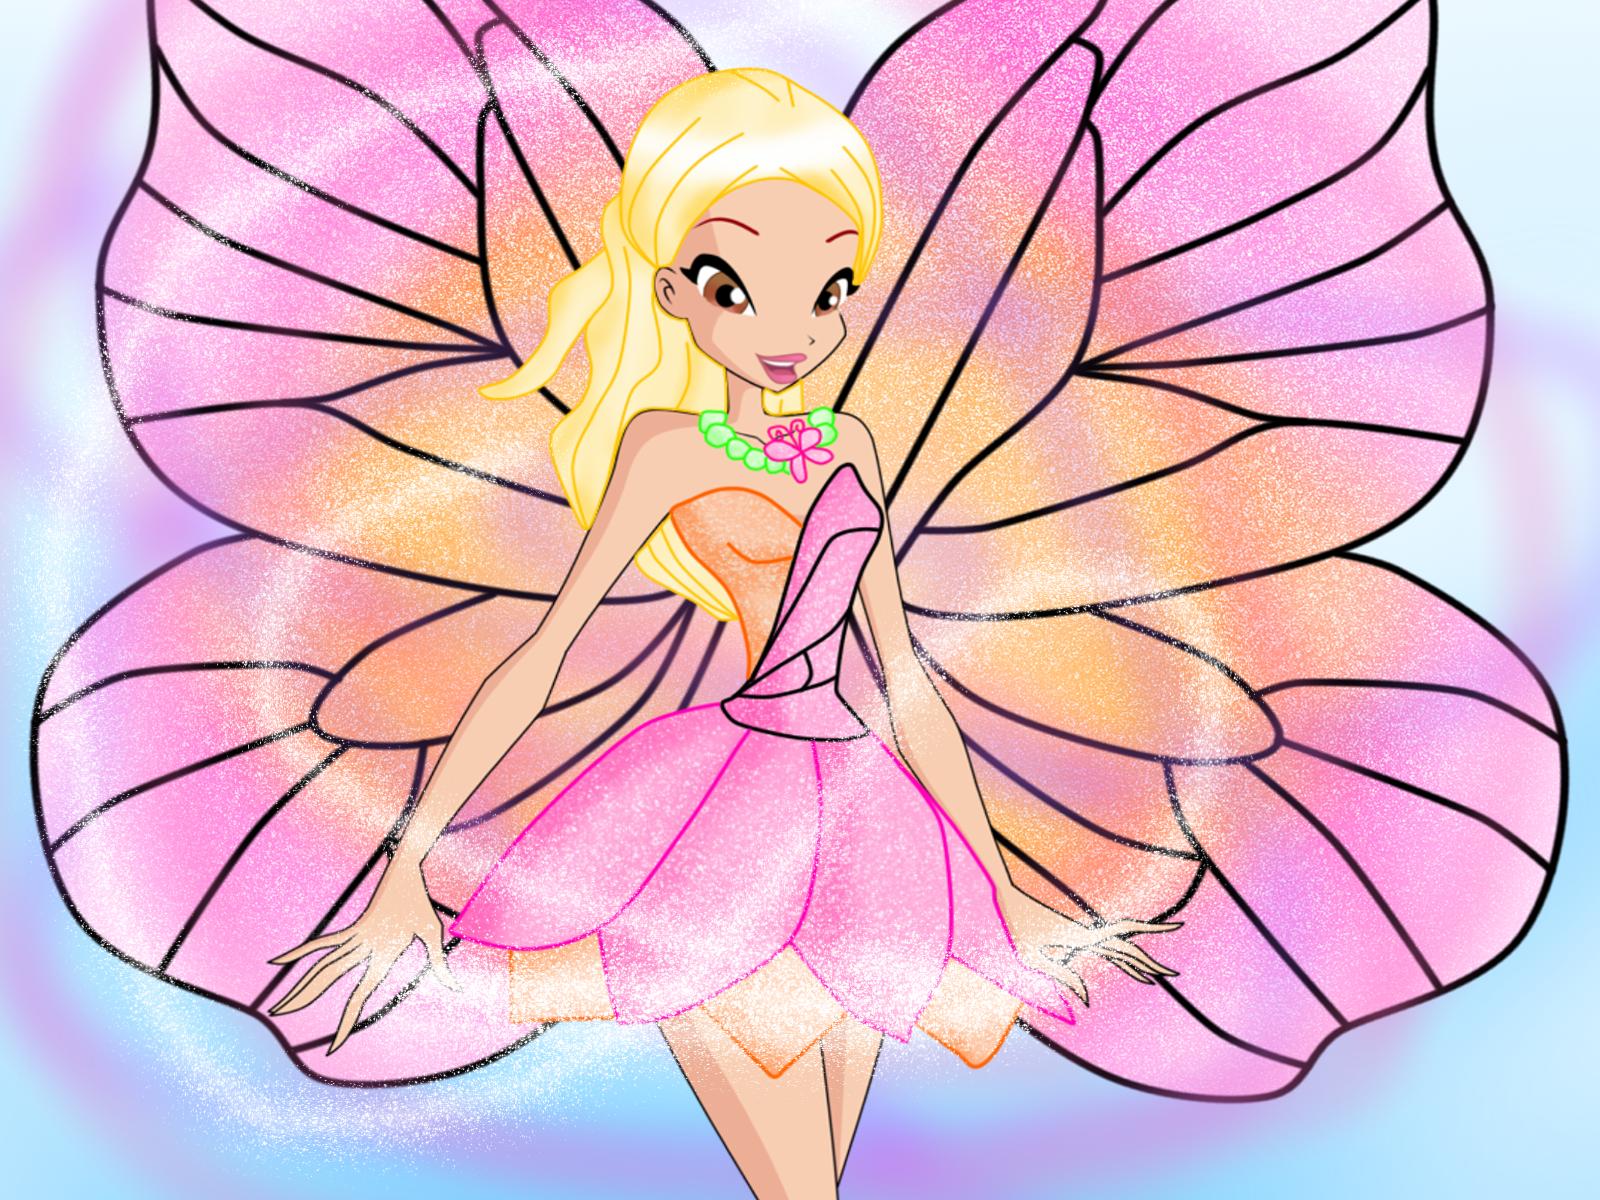 Best Wallpaper Butterfly Barbie - barbie___mariposa_in_winx_style_by_ravenvillanuevat2p-d90xbk2  Trends_2902.png